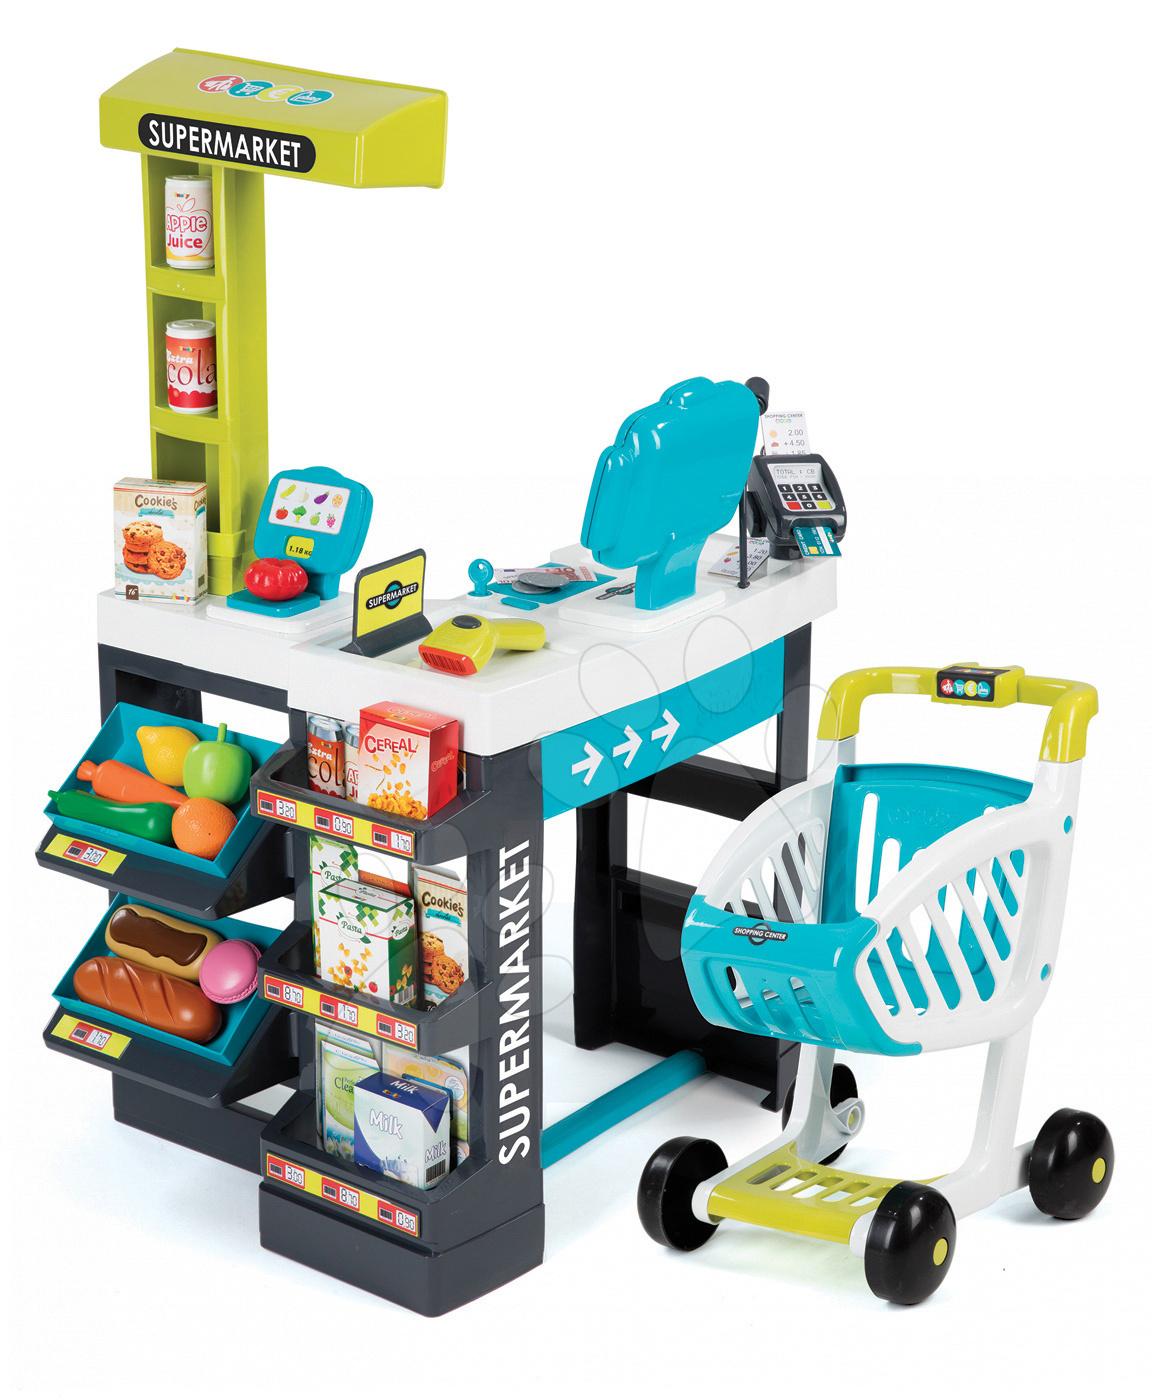 cf7cf04b6 Smoby obchod pro děti Supermarket s pokladnou a váhou 350206 tyrkysový